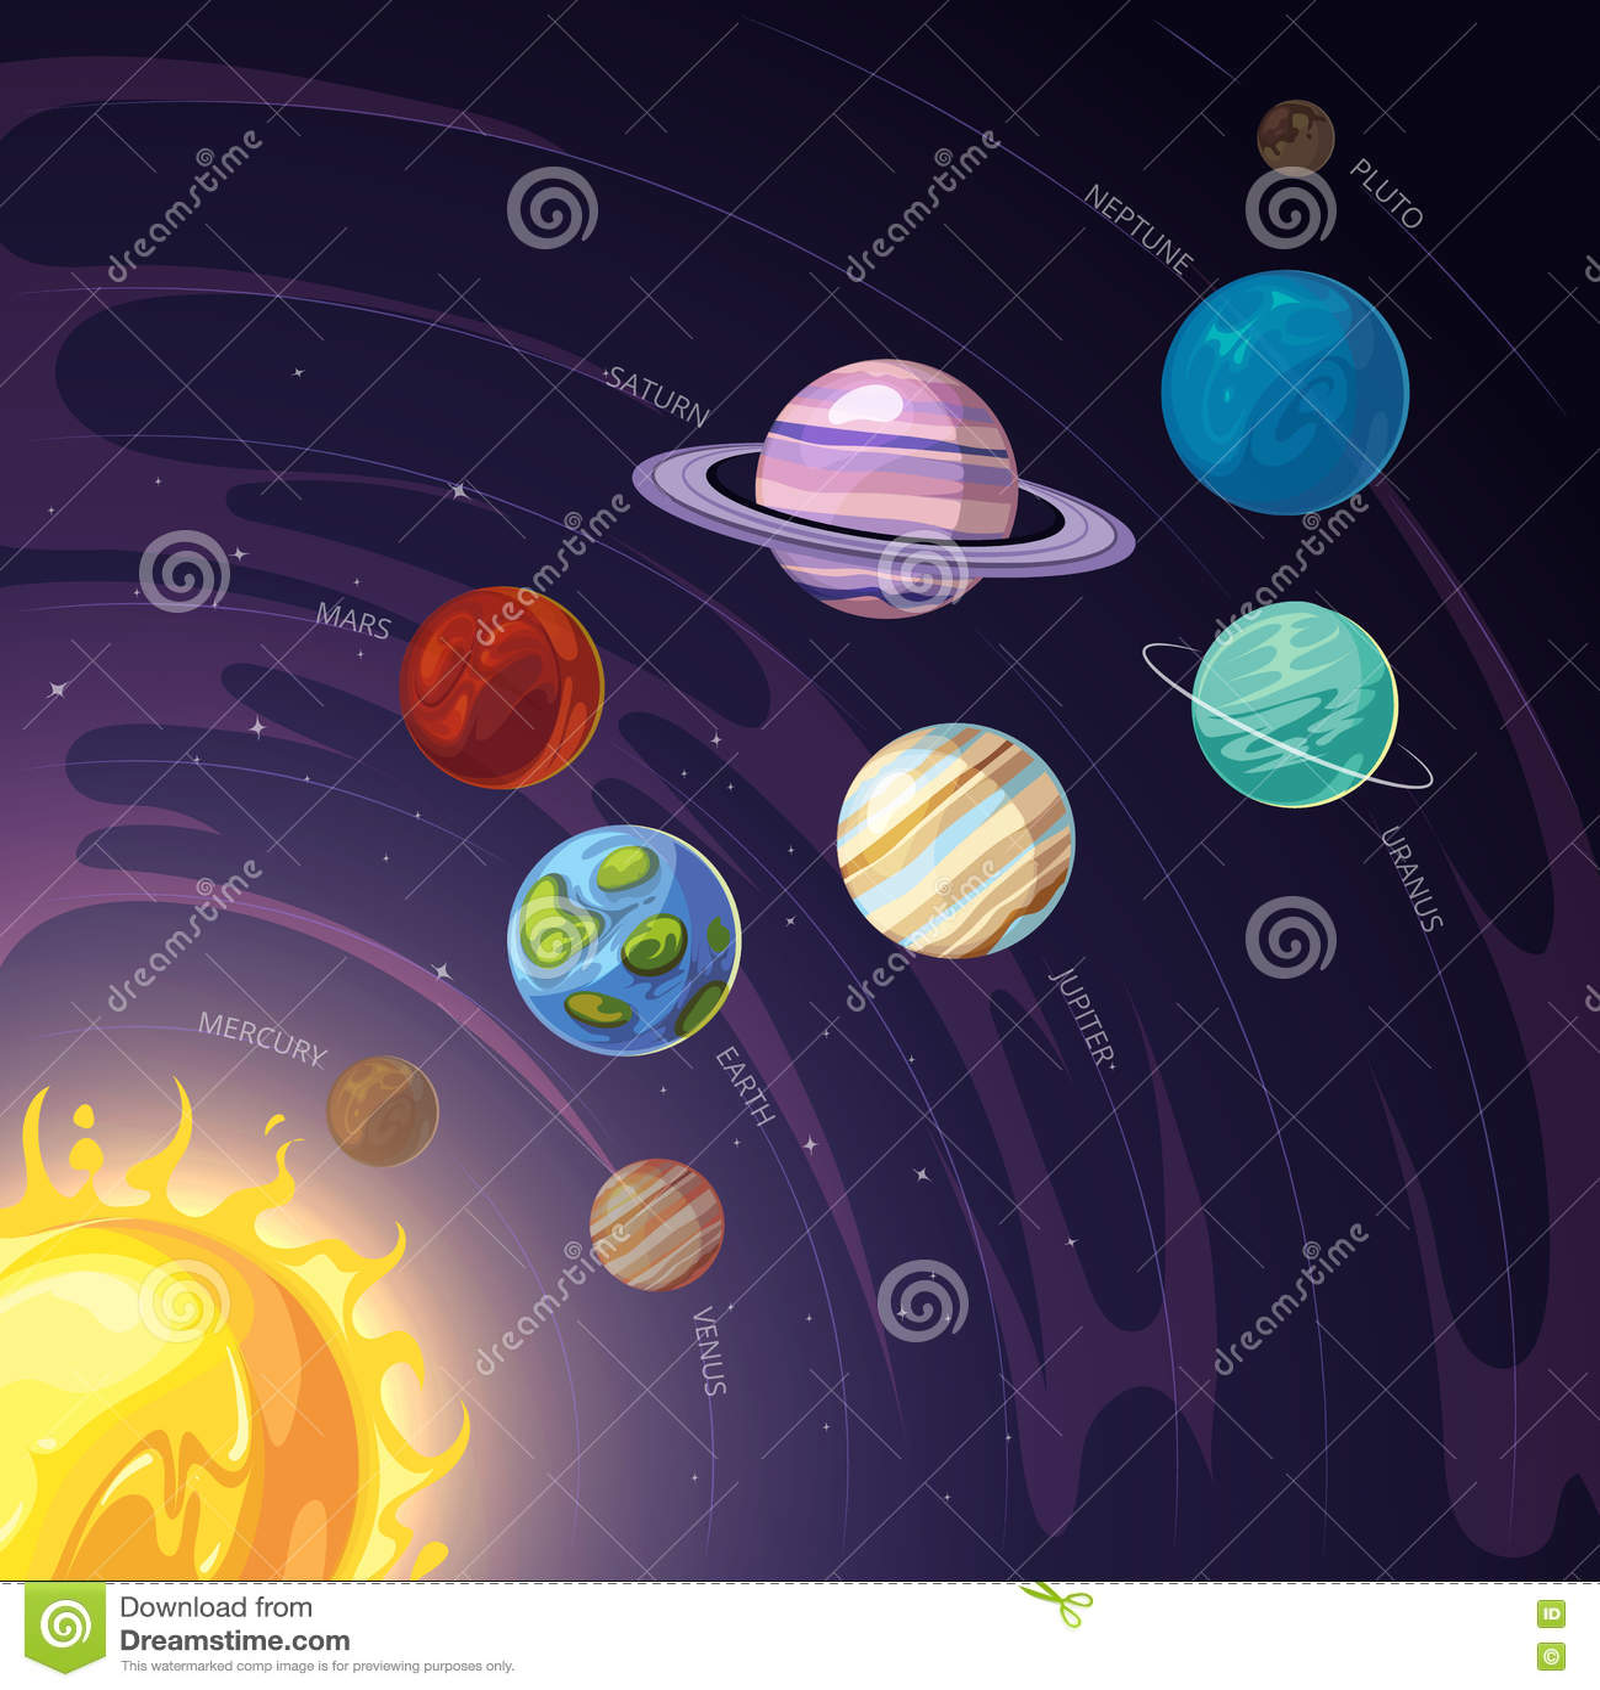 Dirigez Le Systeme Solaire Avec Mercury Venus La Terre